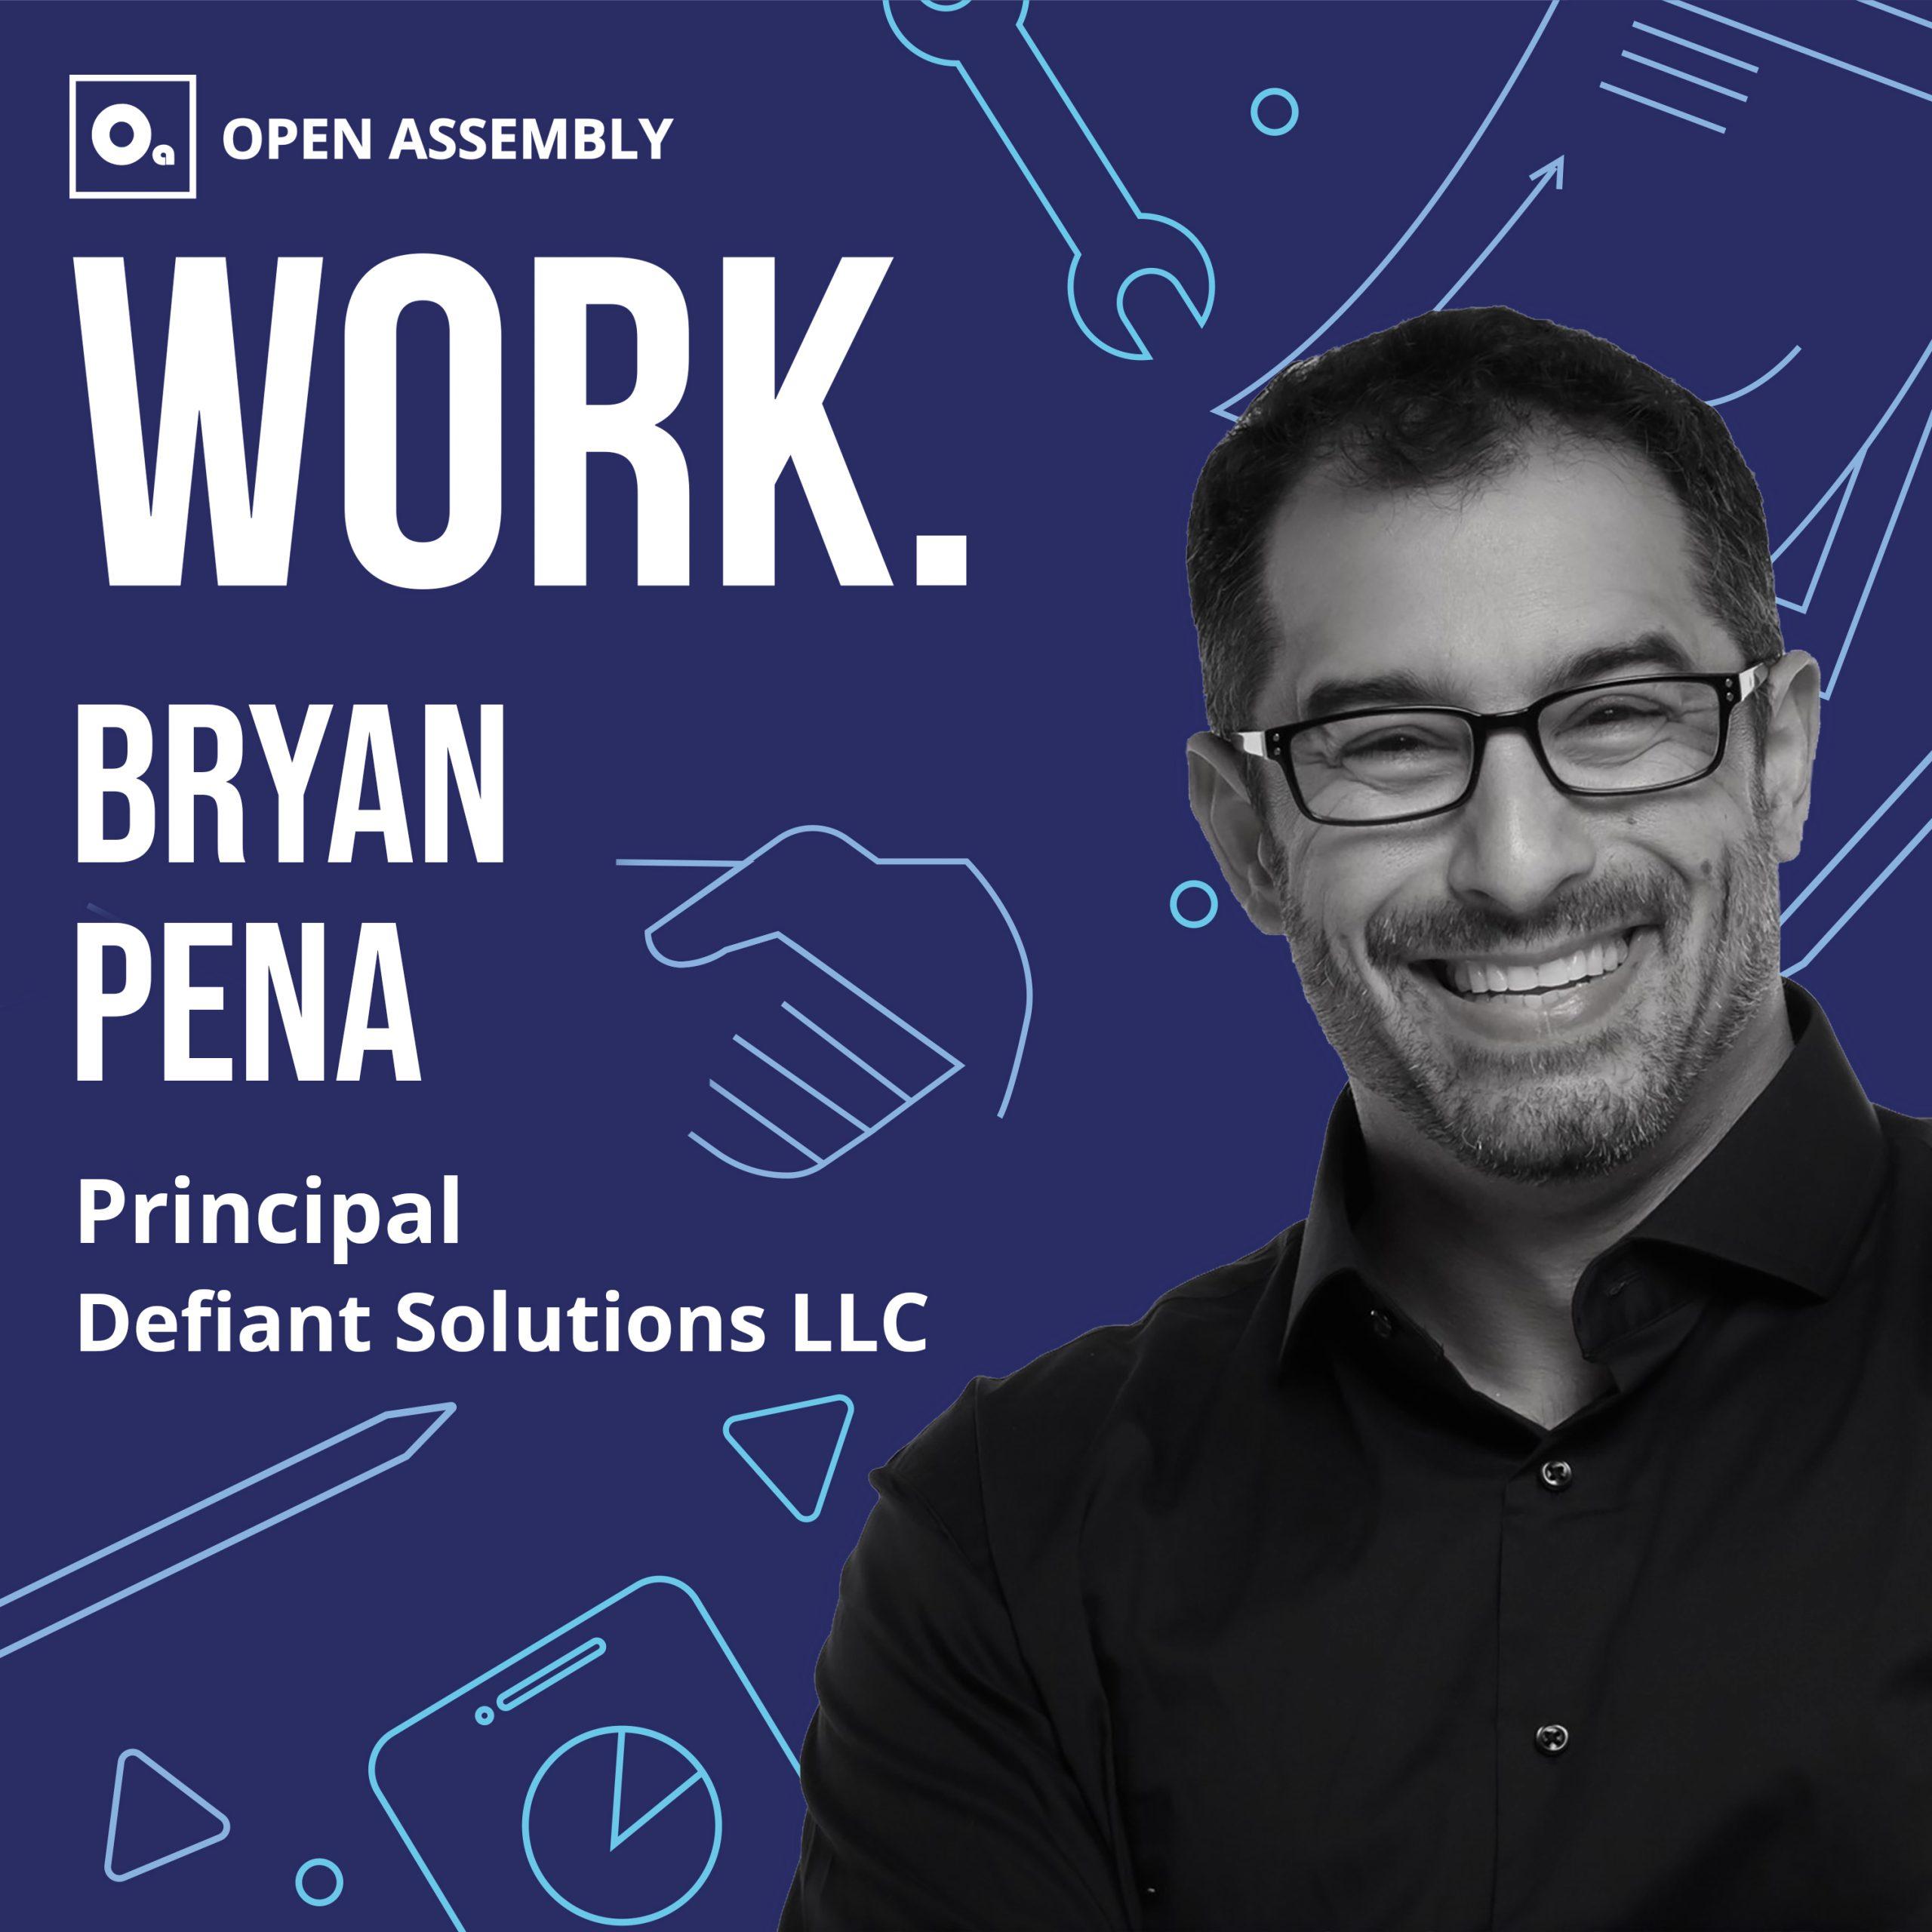 Bryan Pena Defiant Solutions